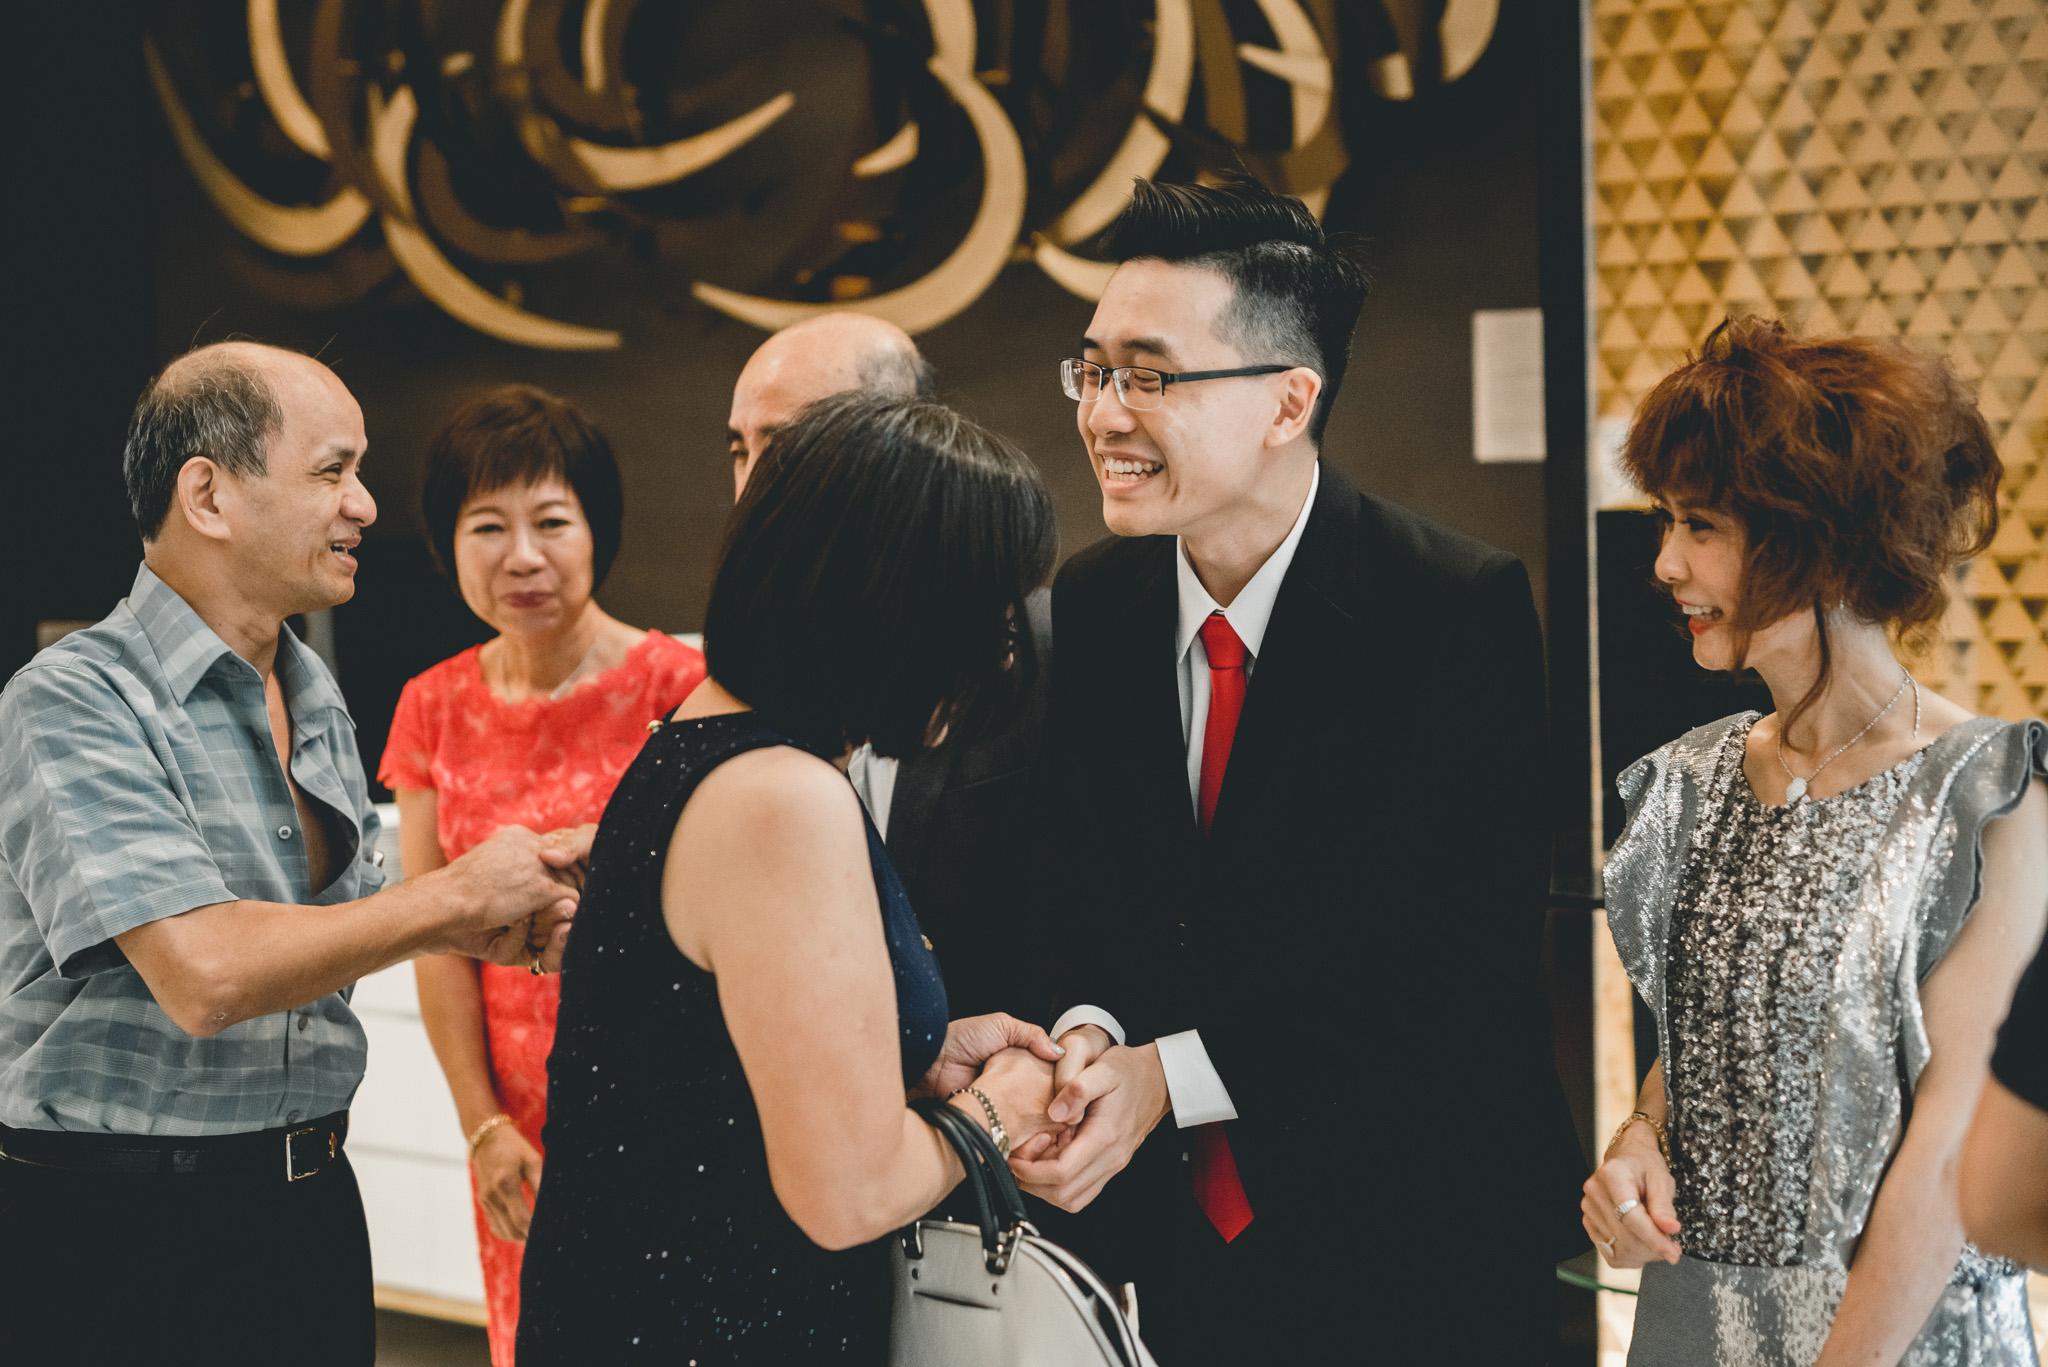 Wedding Novotel Stevens 00153.JPG